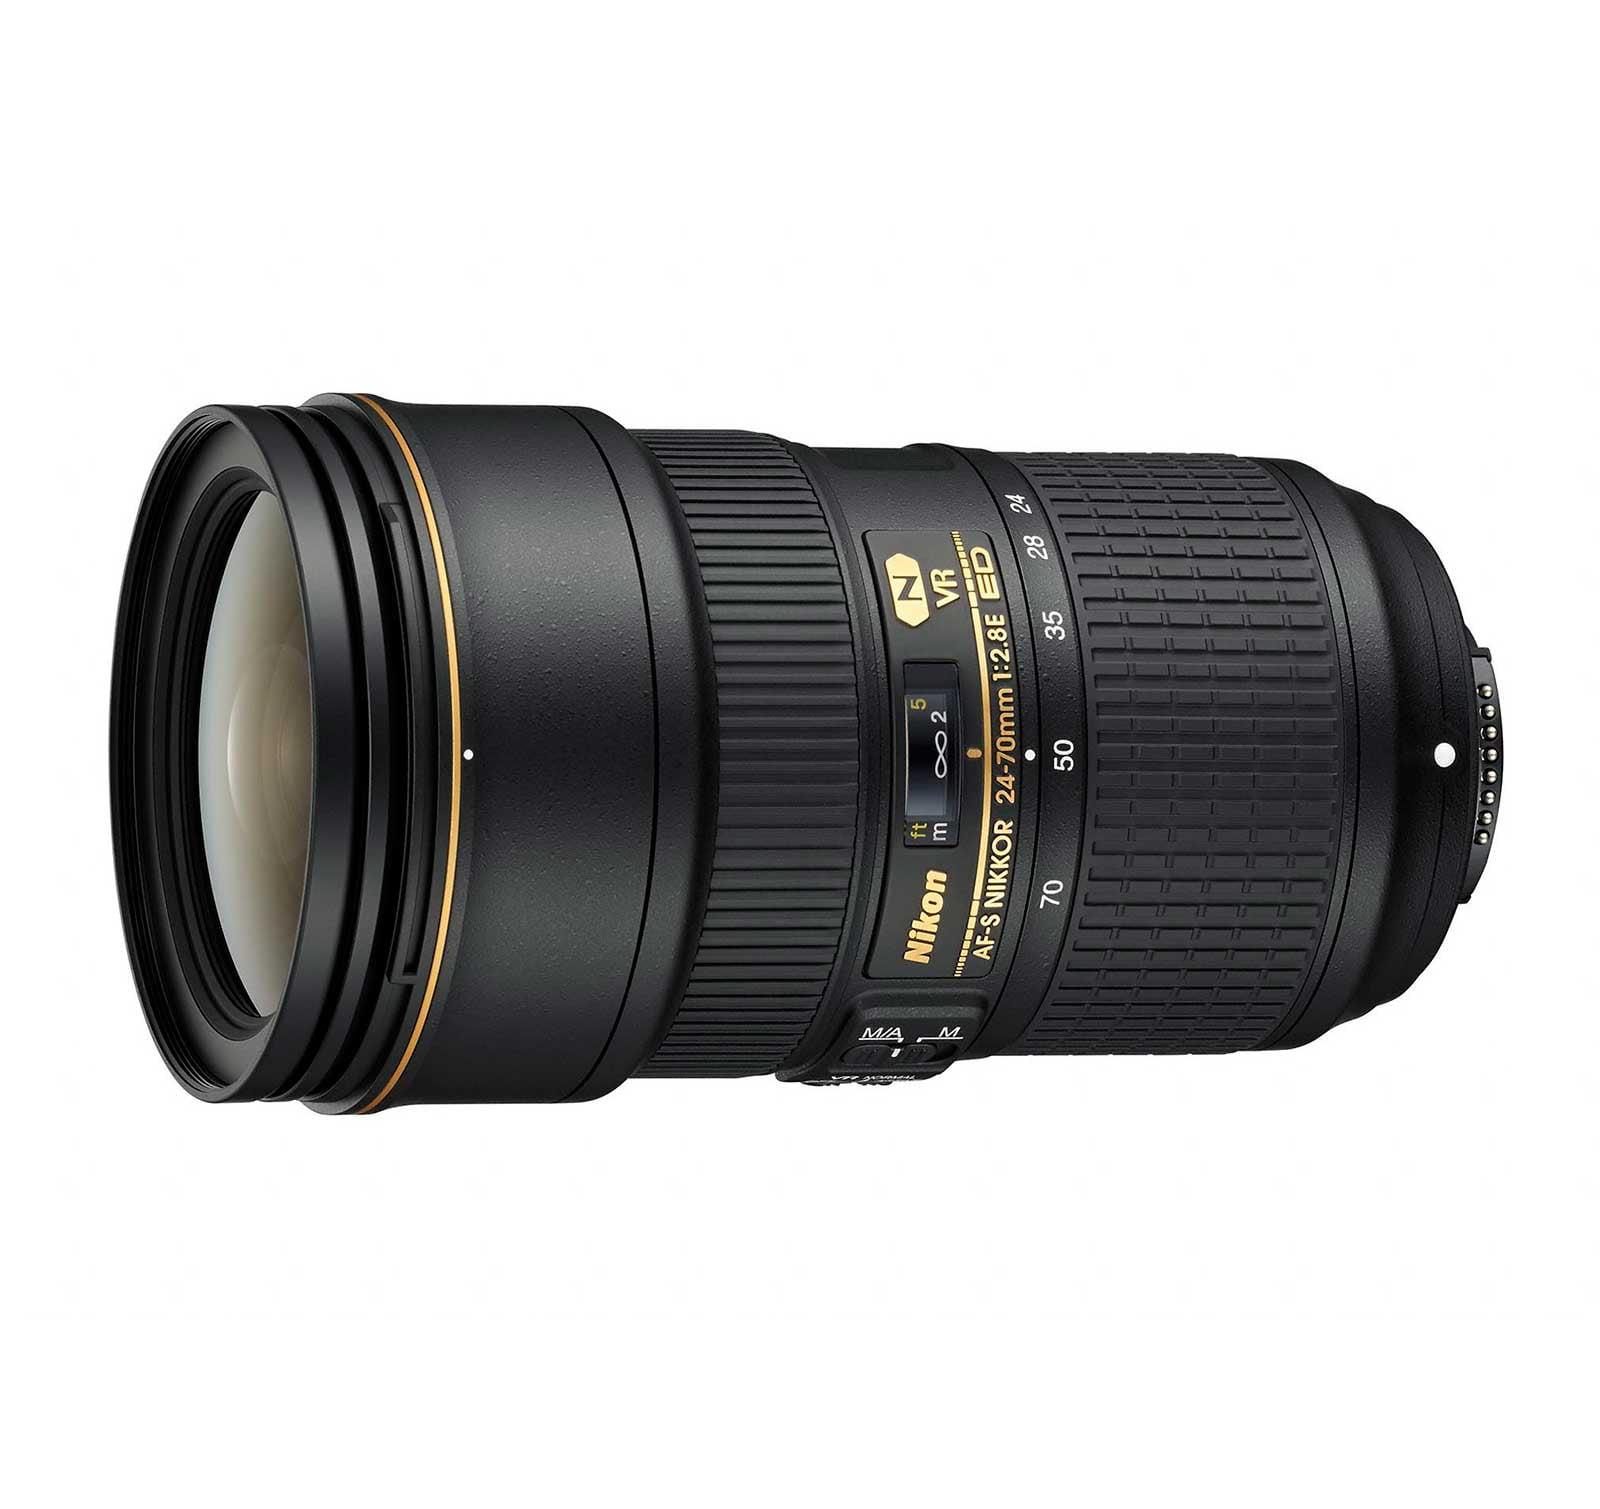 Nikon AF-S NIKKOR 24-70mm f 2.8E ED VR Zoom Lens by Nikon